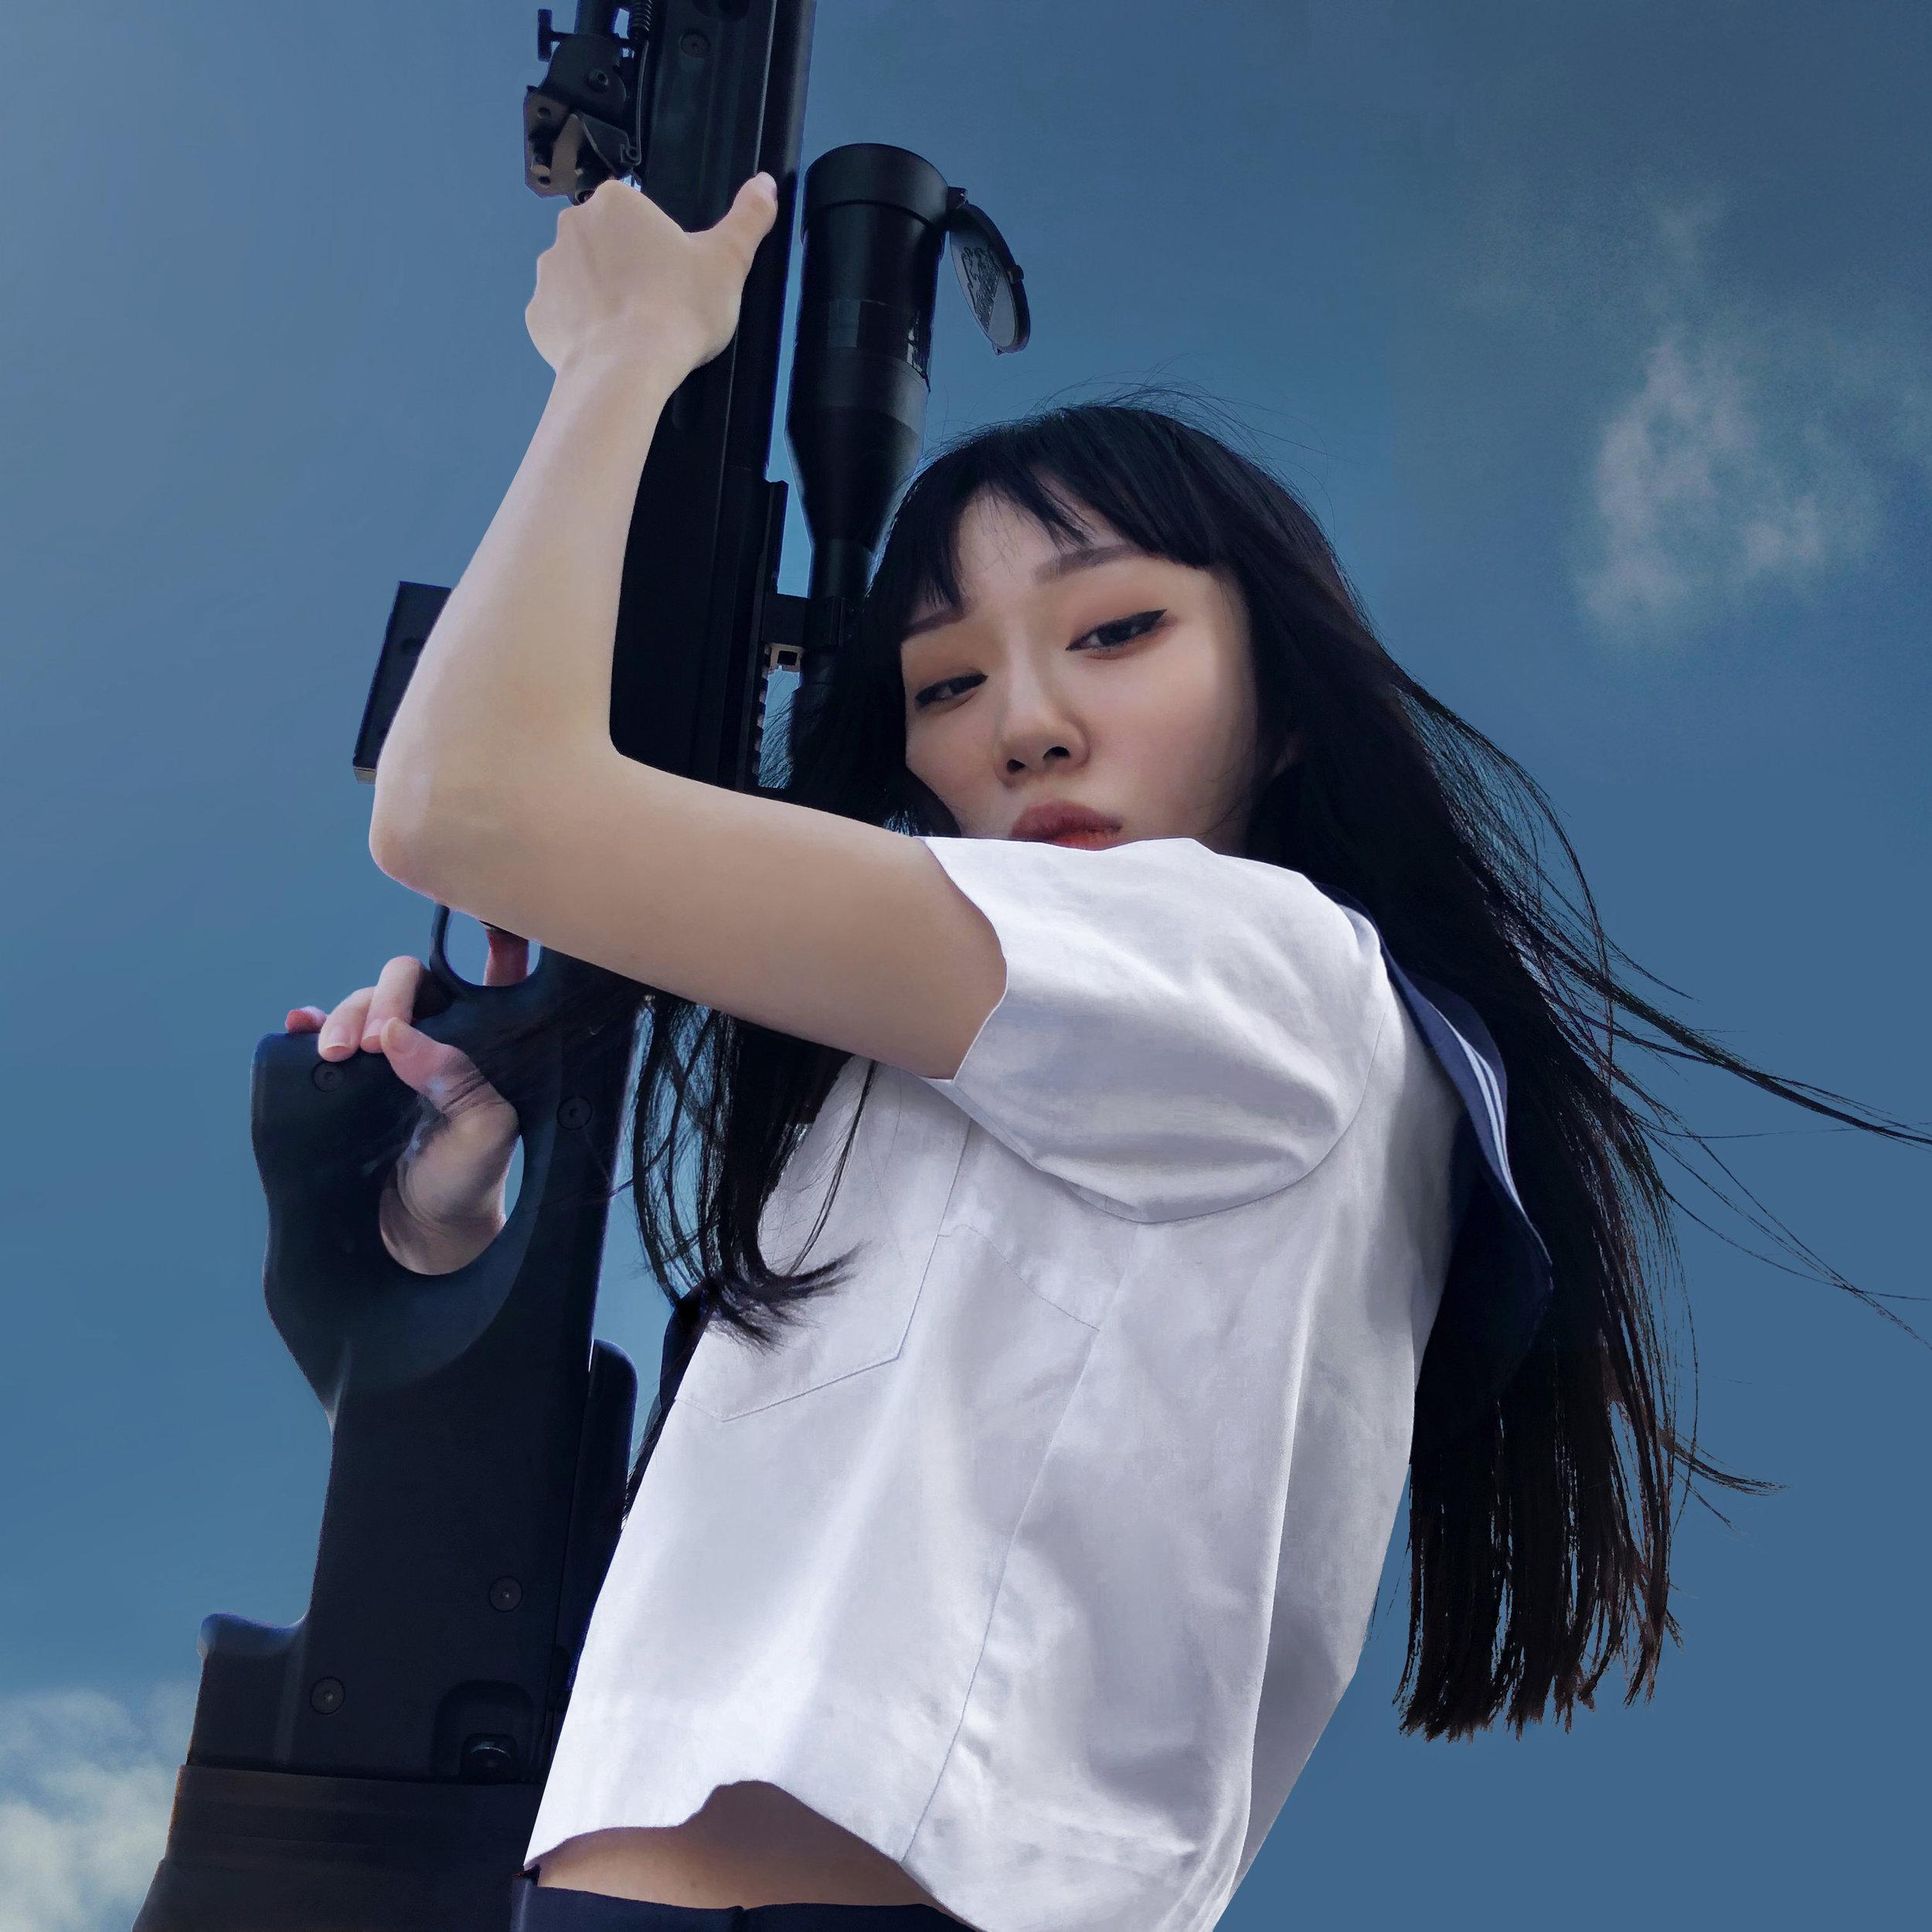 機關槍3.jpg